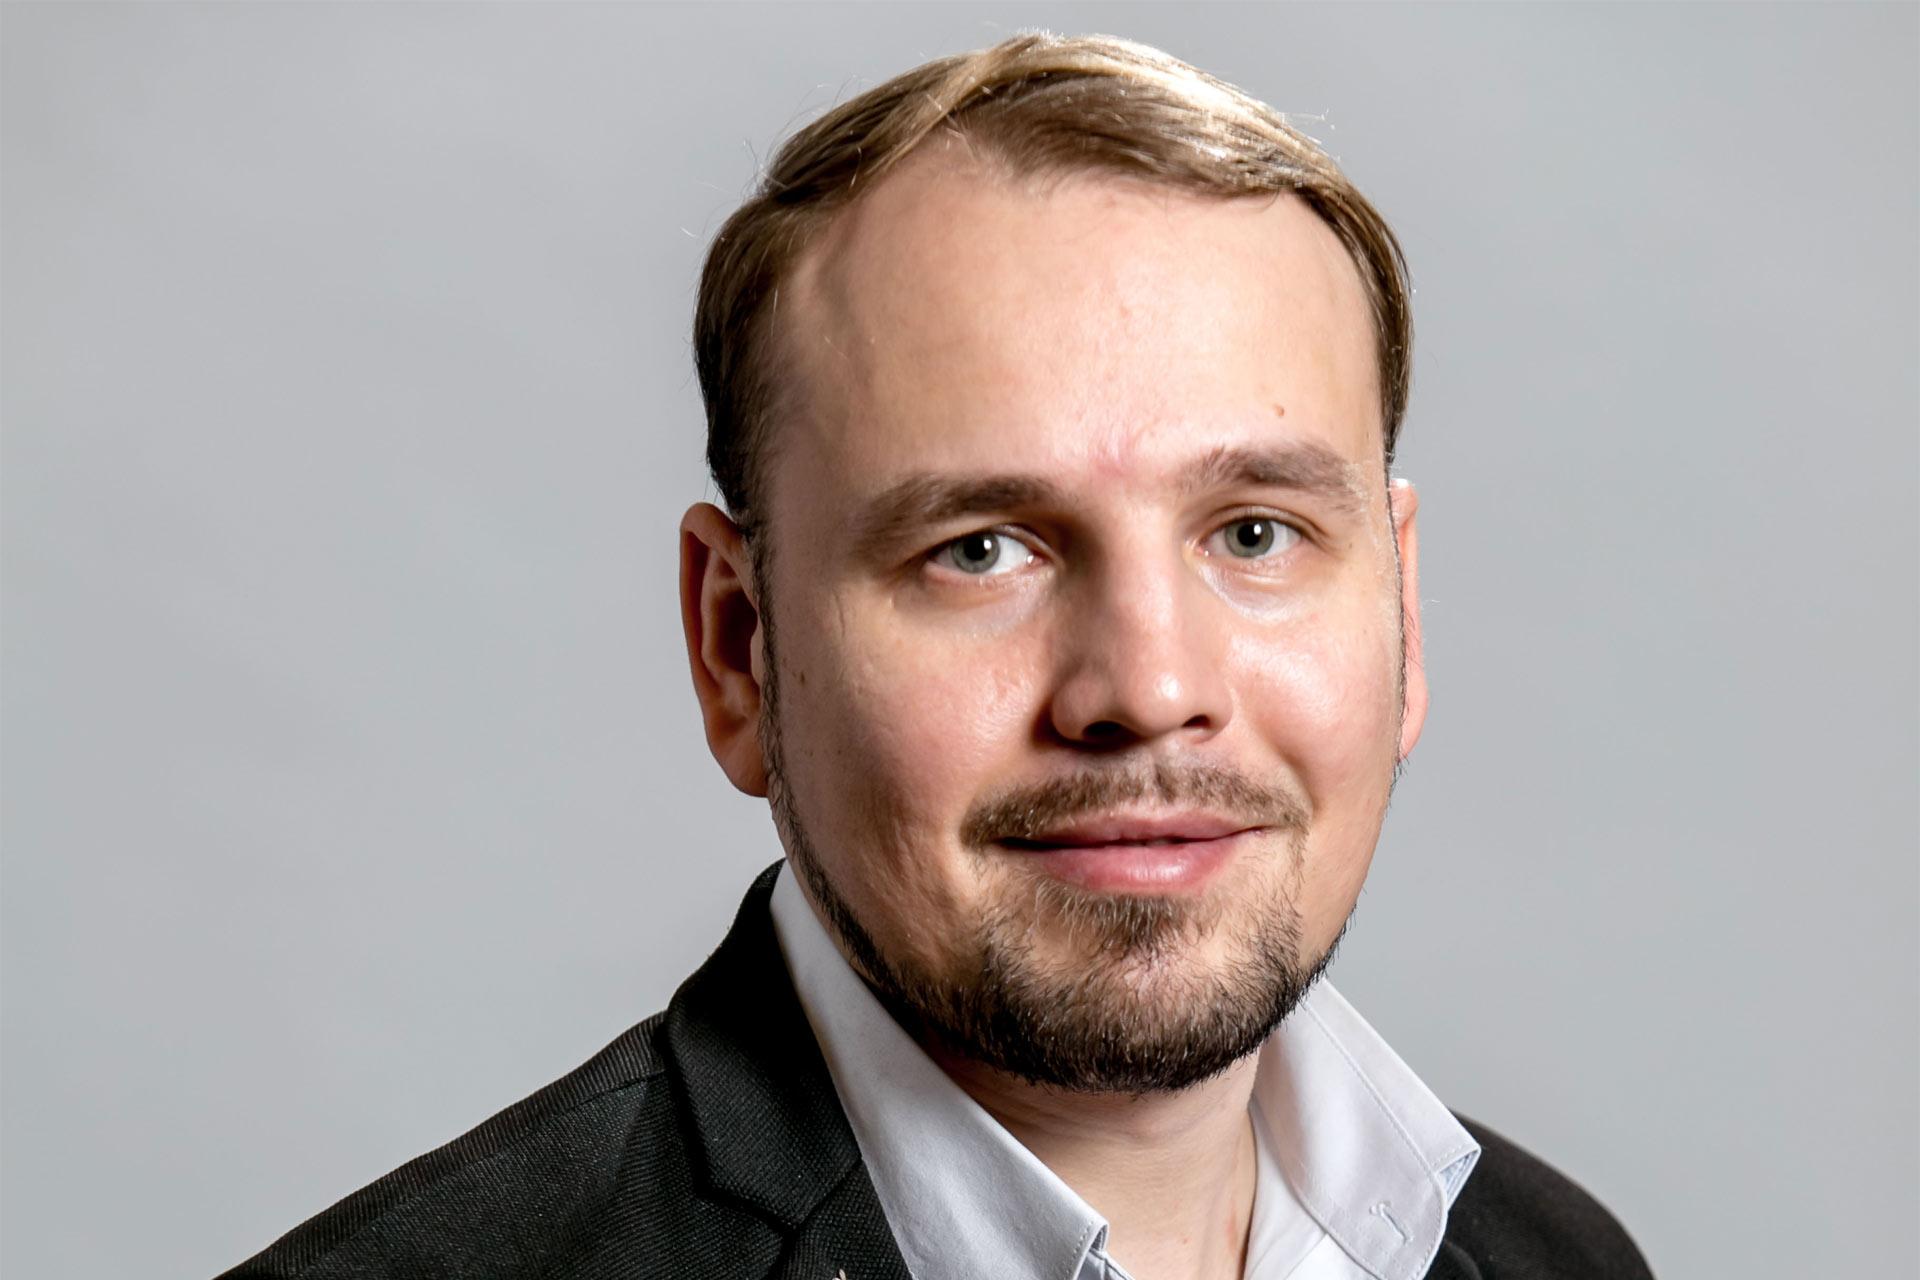 Денис Ветренников. Как стать успешным продавцом, будучи интровертом